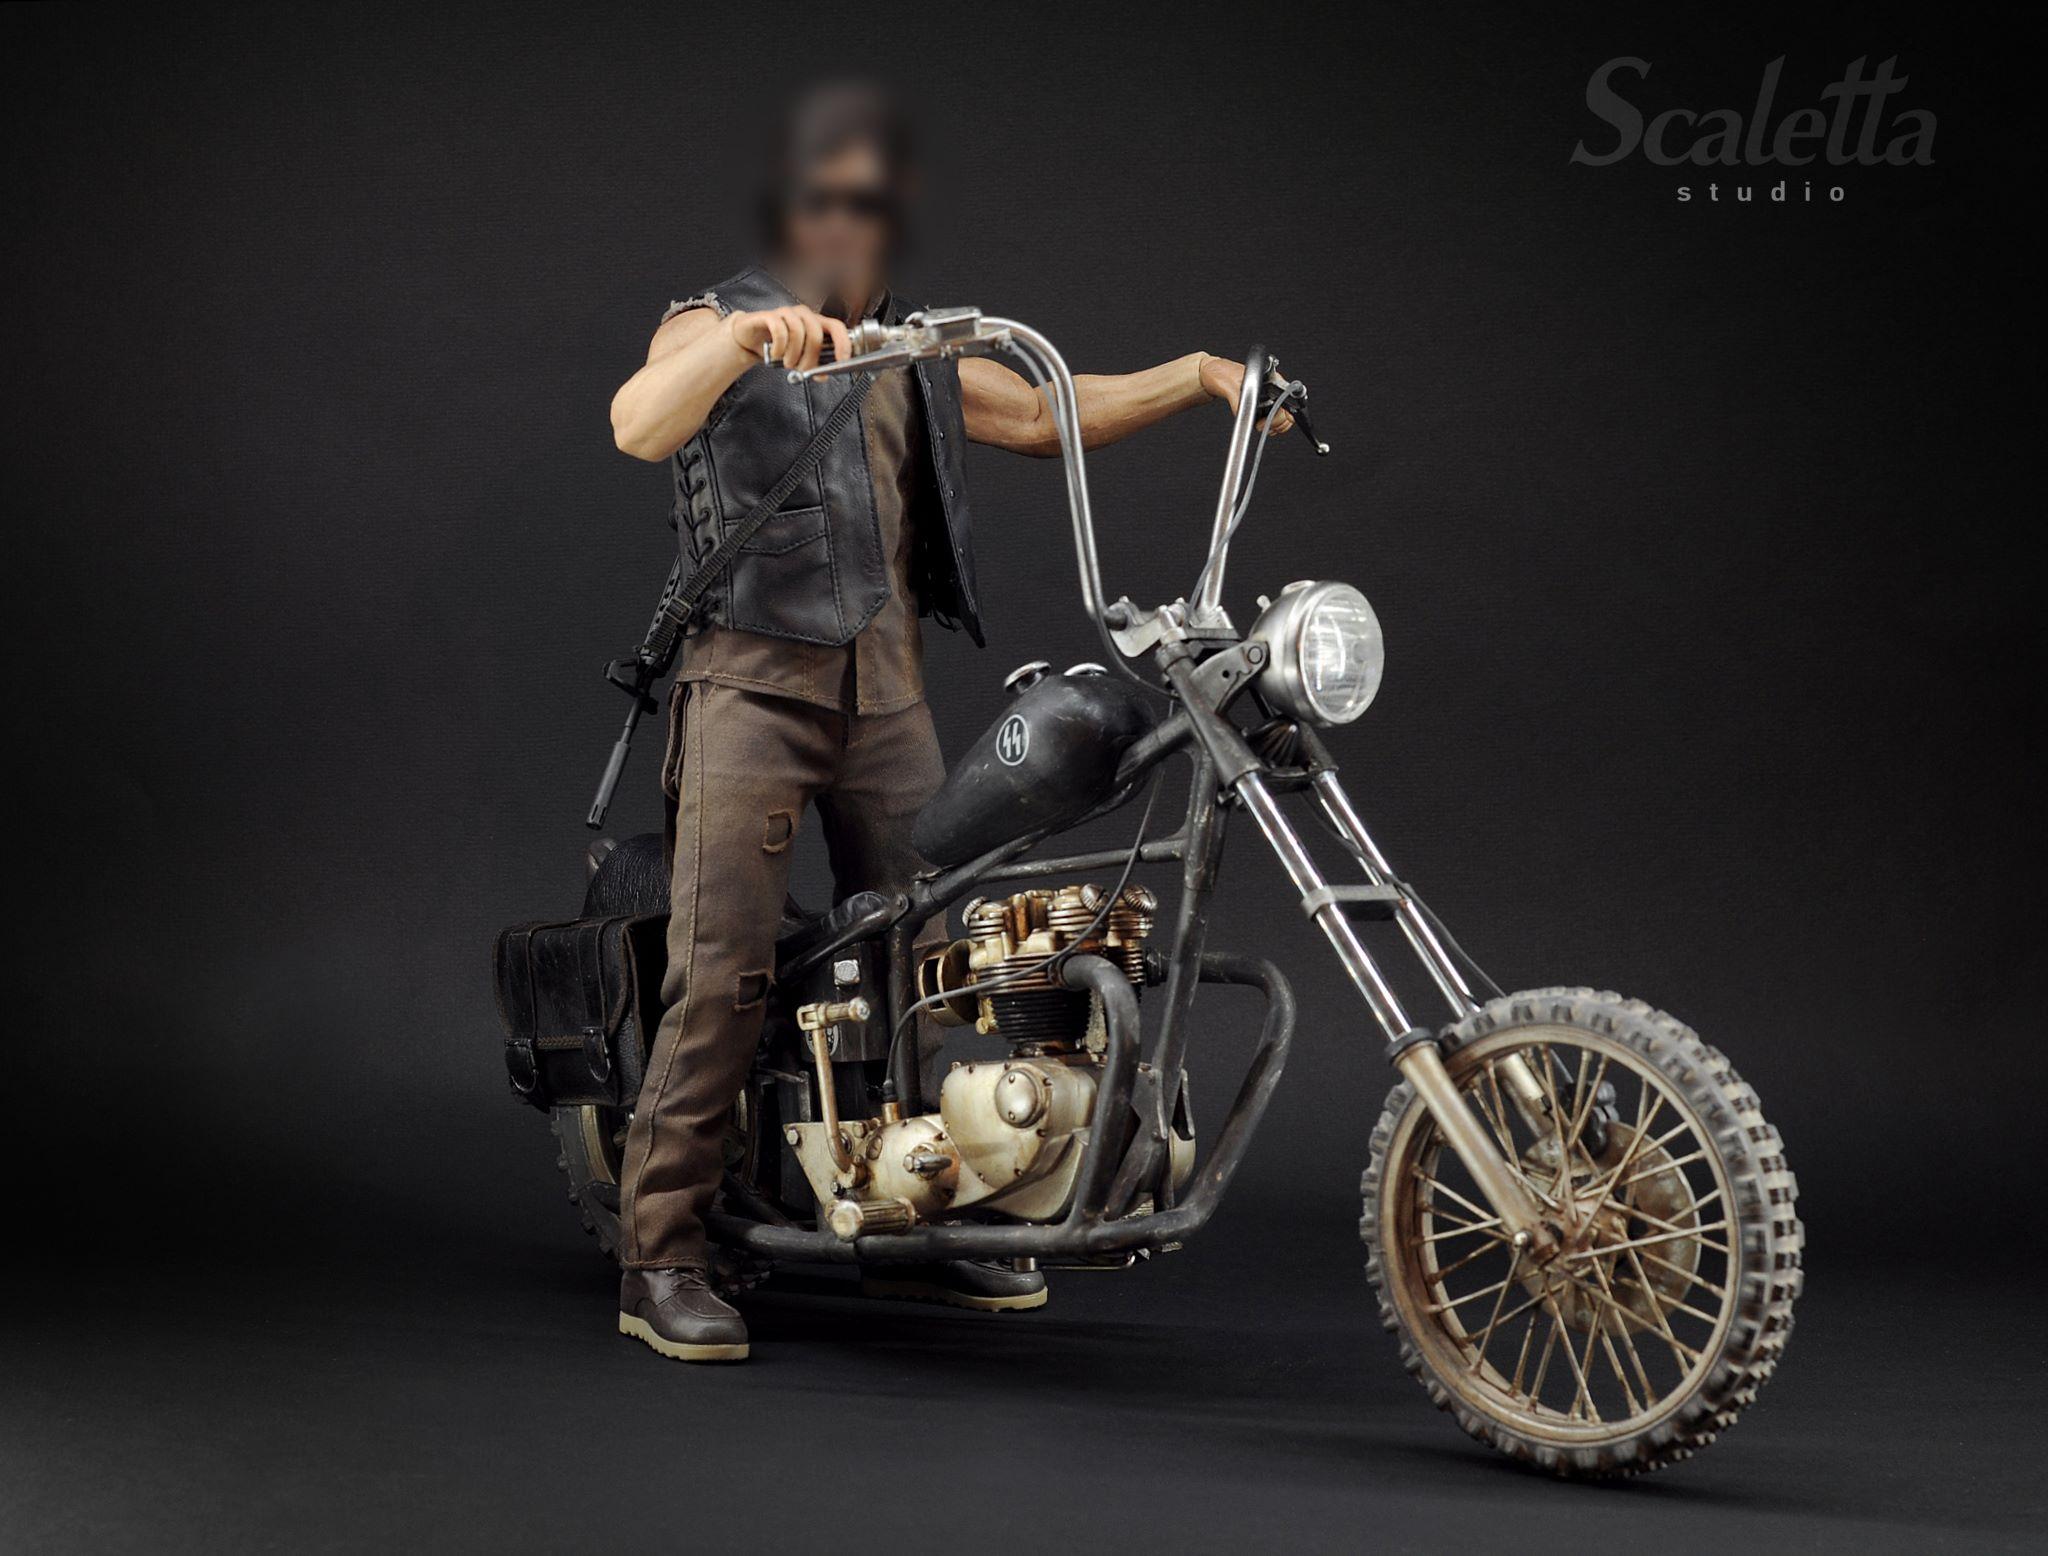 sca-bike01